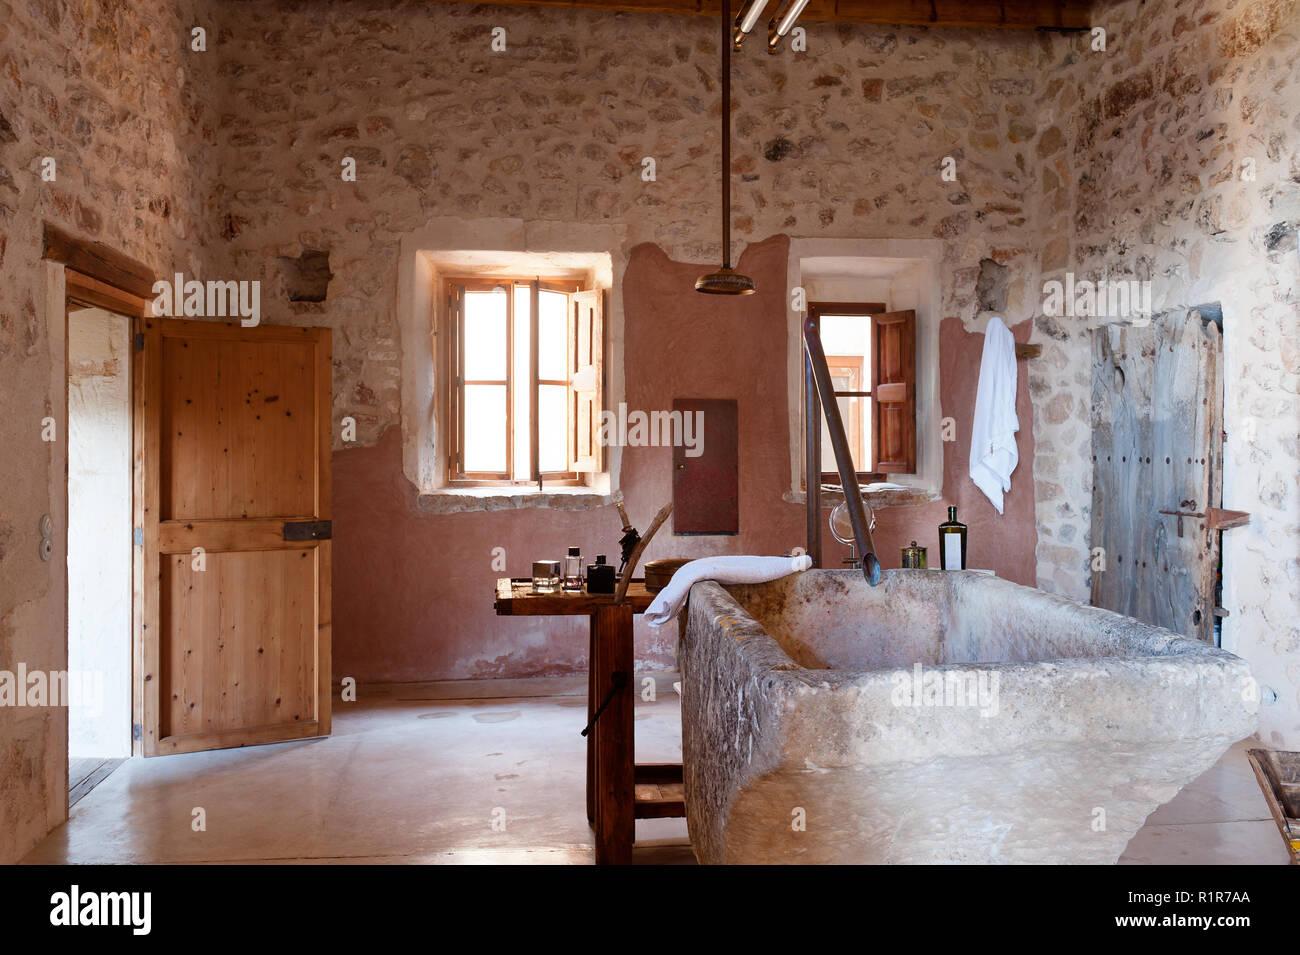 Vasche Da Bagno Hidrosan : Vasca da bagno rustica idee di vanità del bagno rustico